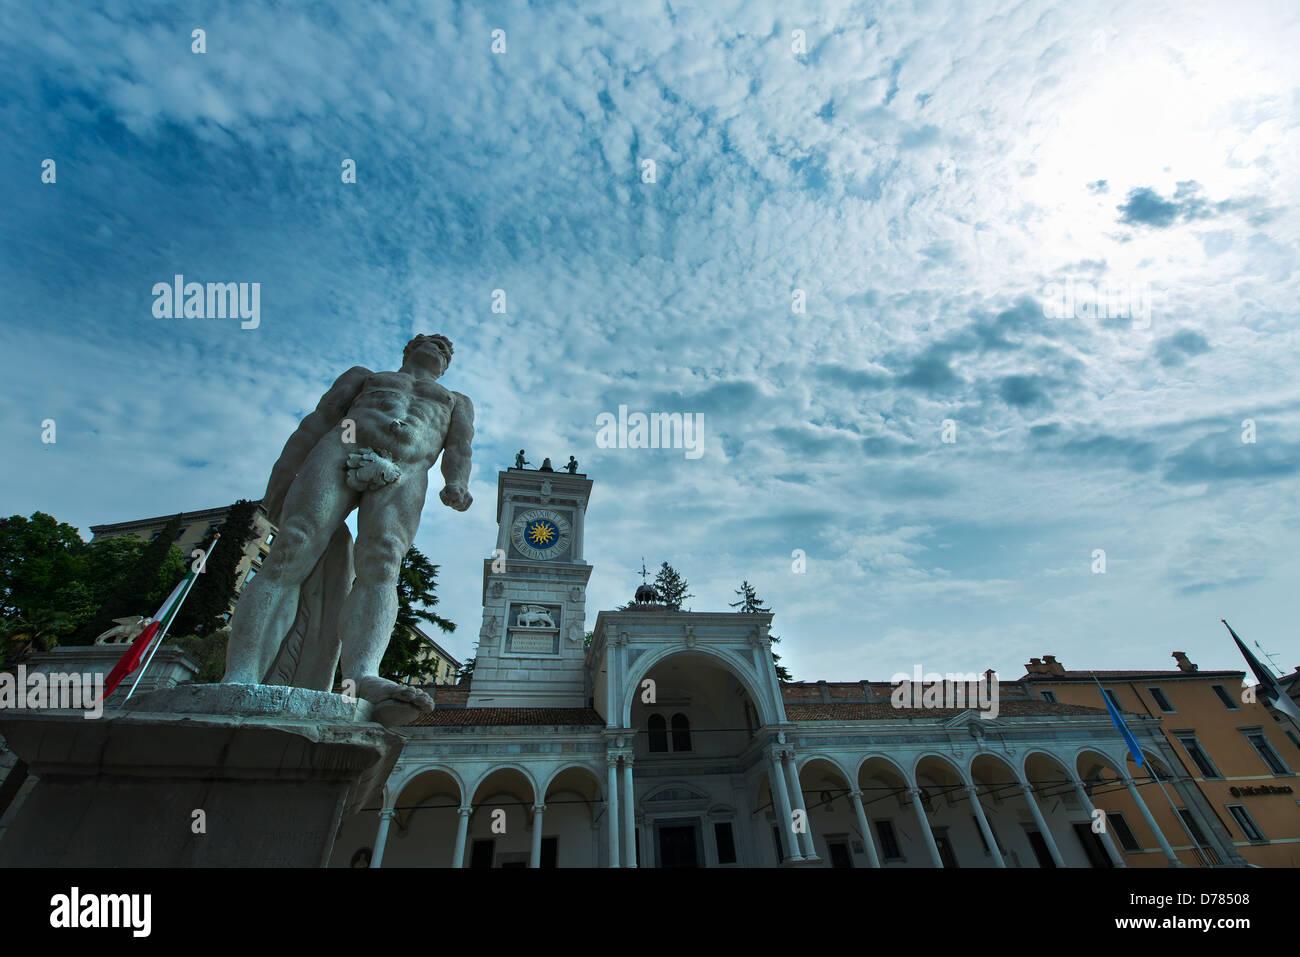 The Loggia del Lionello in Piazza Libertà in Udine - Stock Image